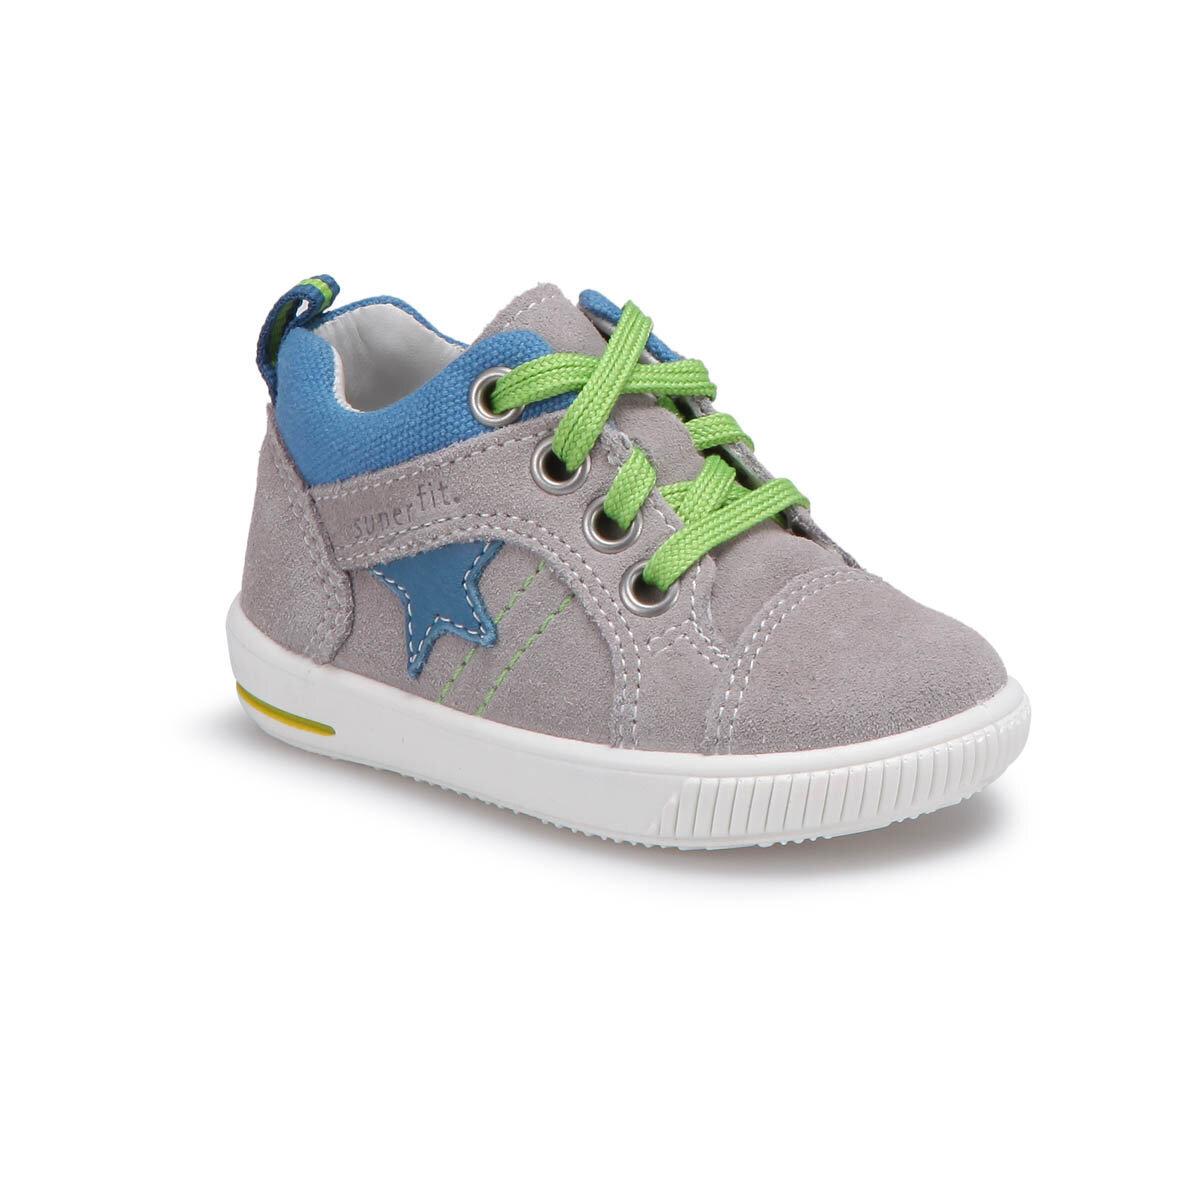 Kum Rengi Erkek Çocuk Ayakkabı 00353-47 BE